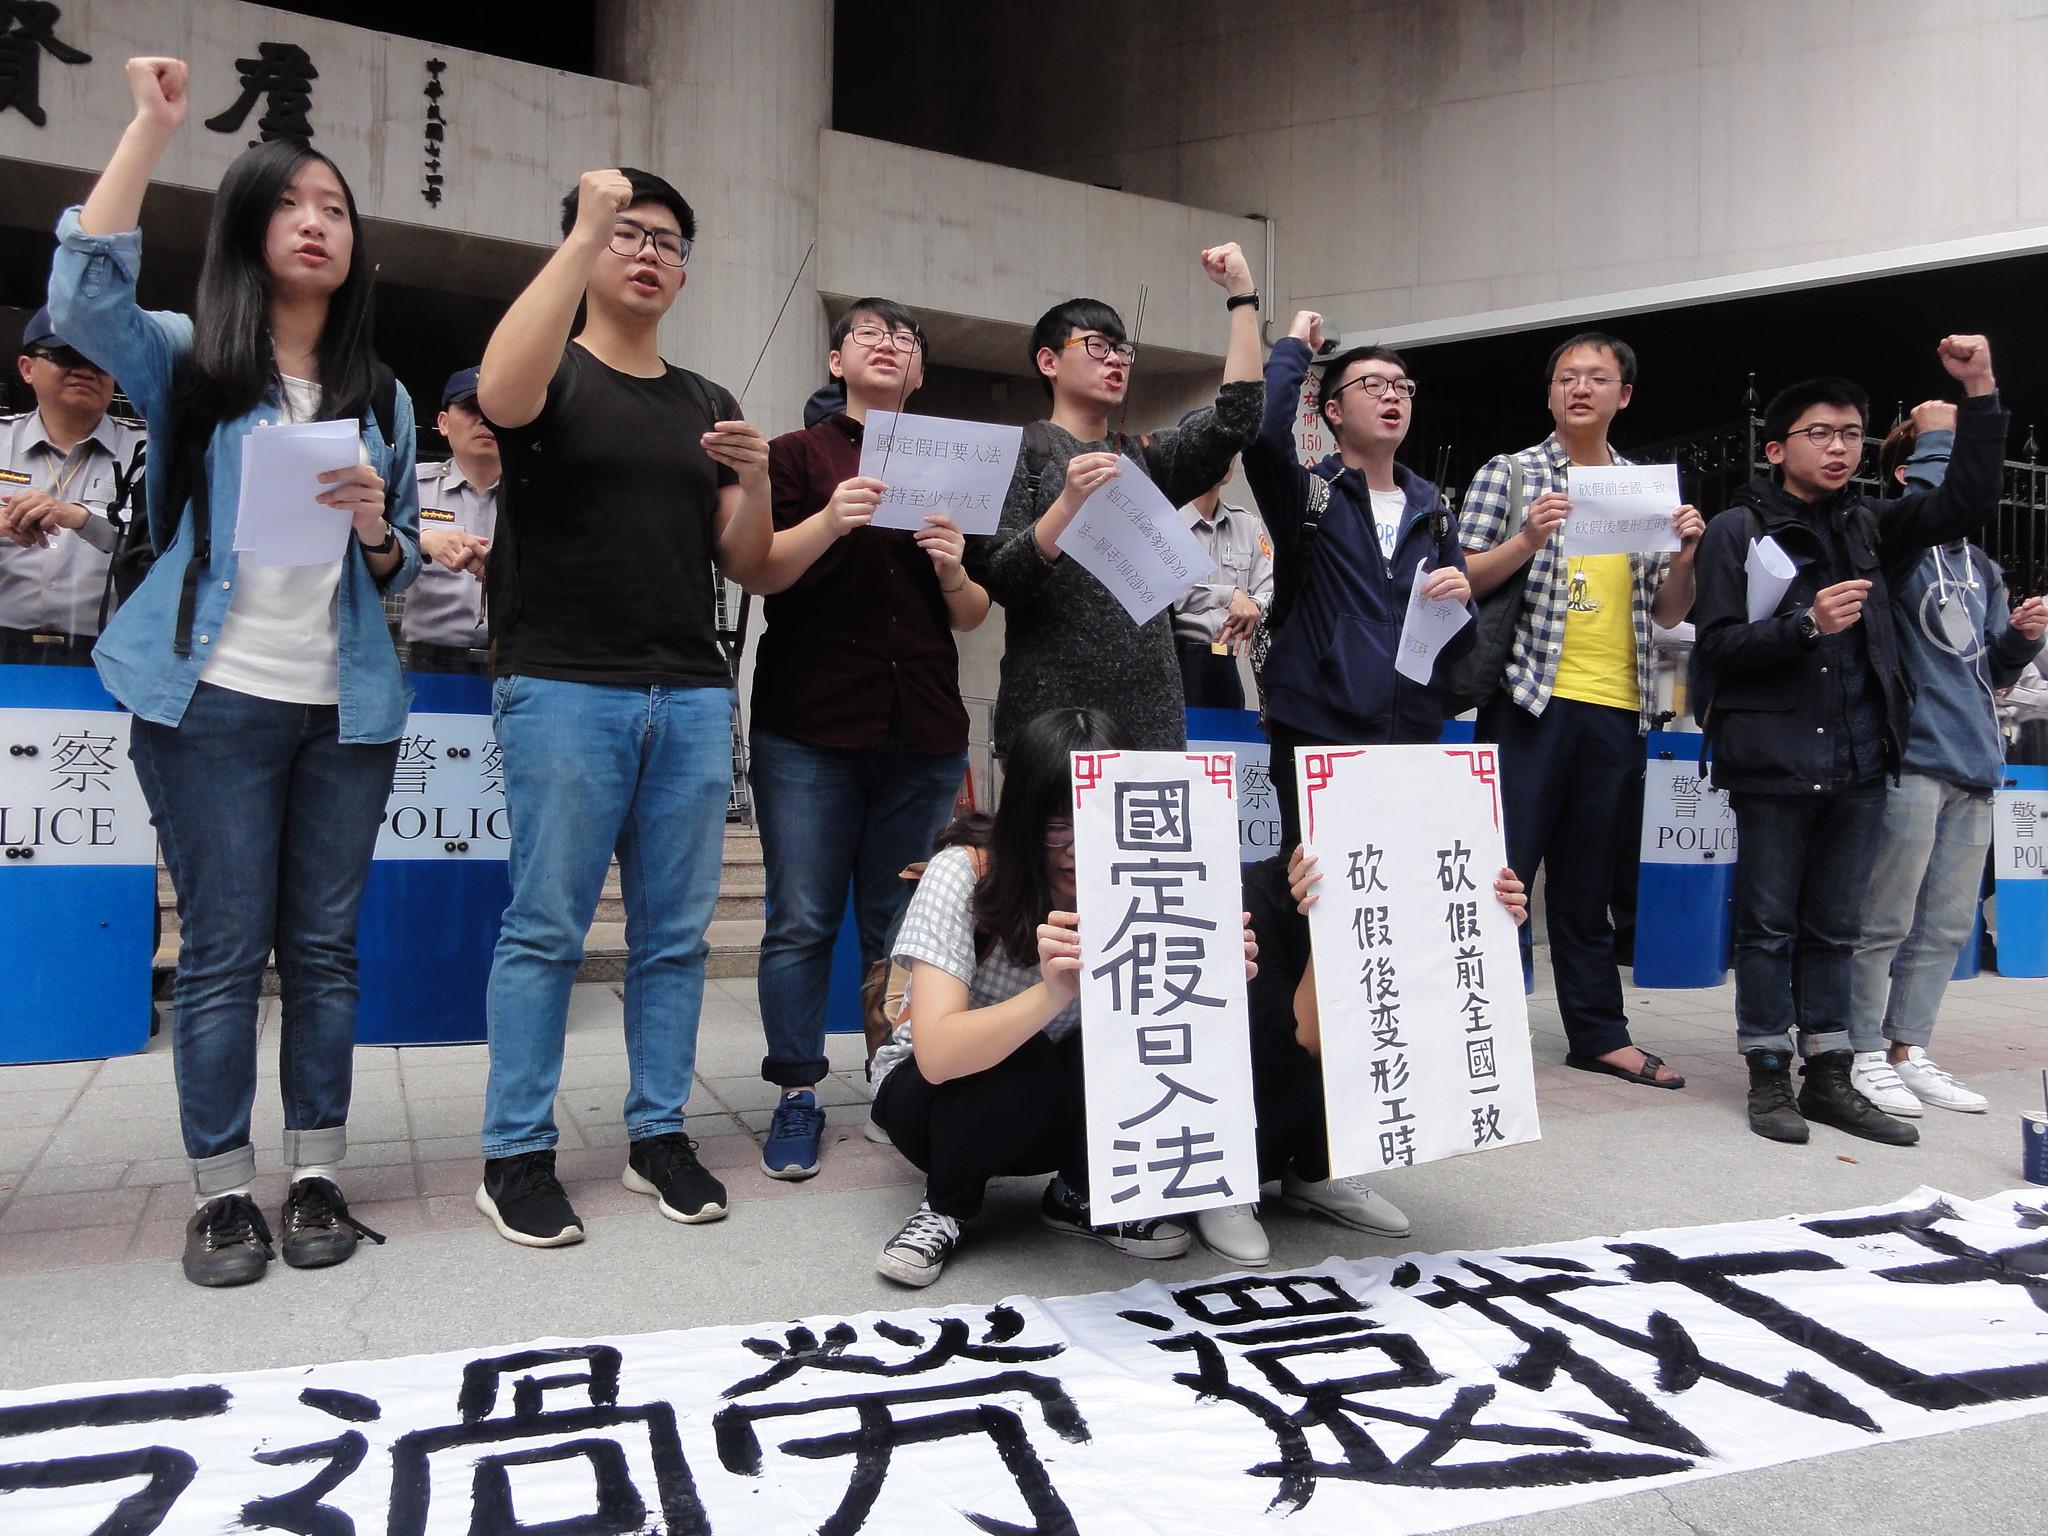 青年團體高喊「青年反過勞,還我七天假!」(攝影:張智琦)